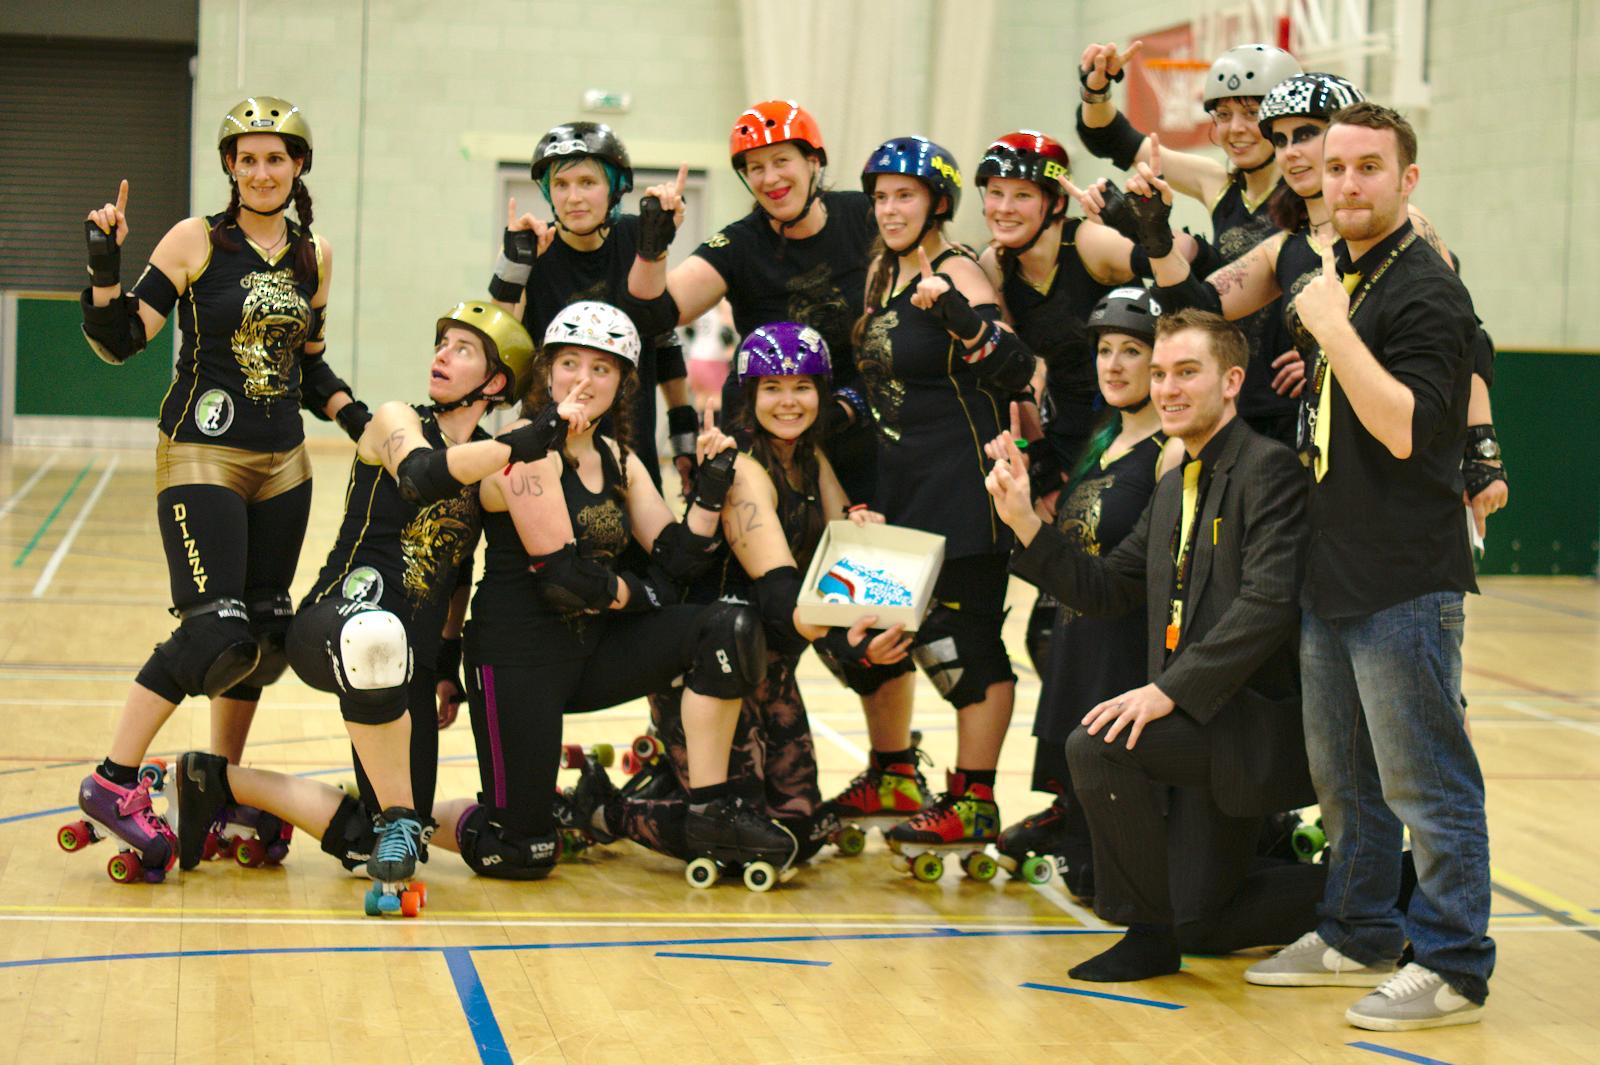 Newcastle Roller Girls, winners of BoB.